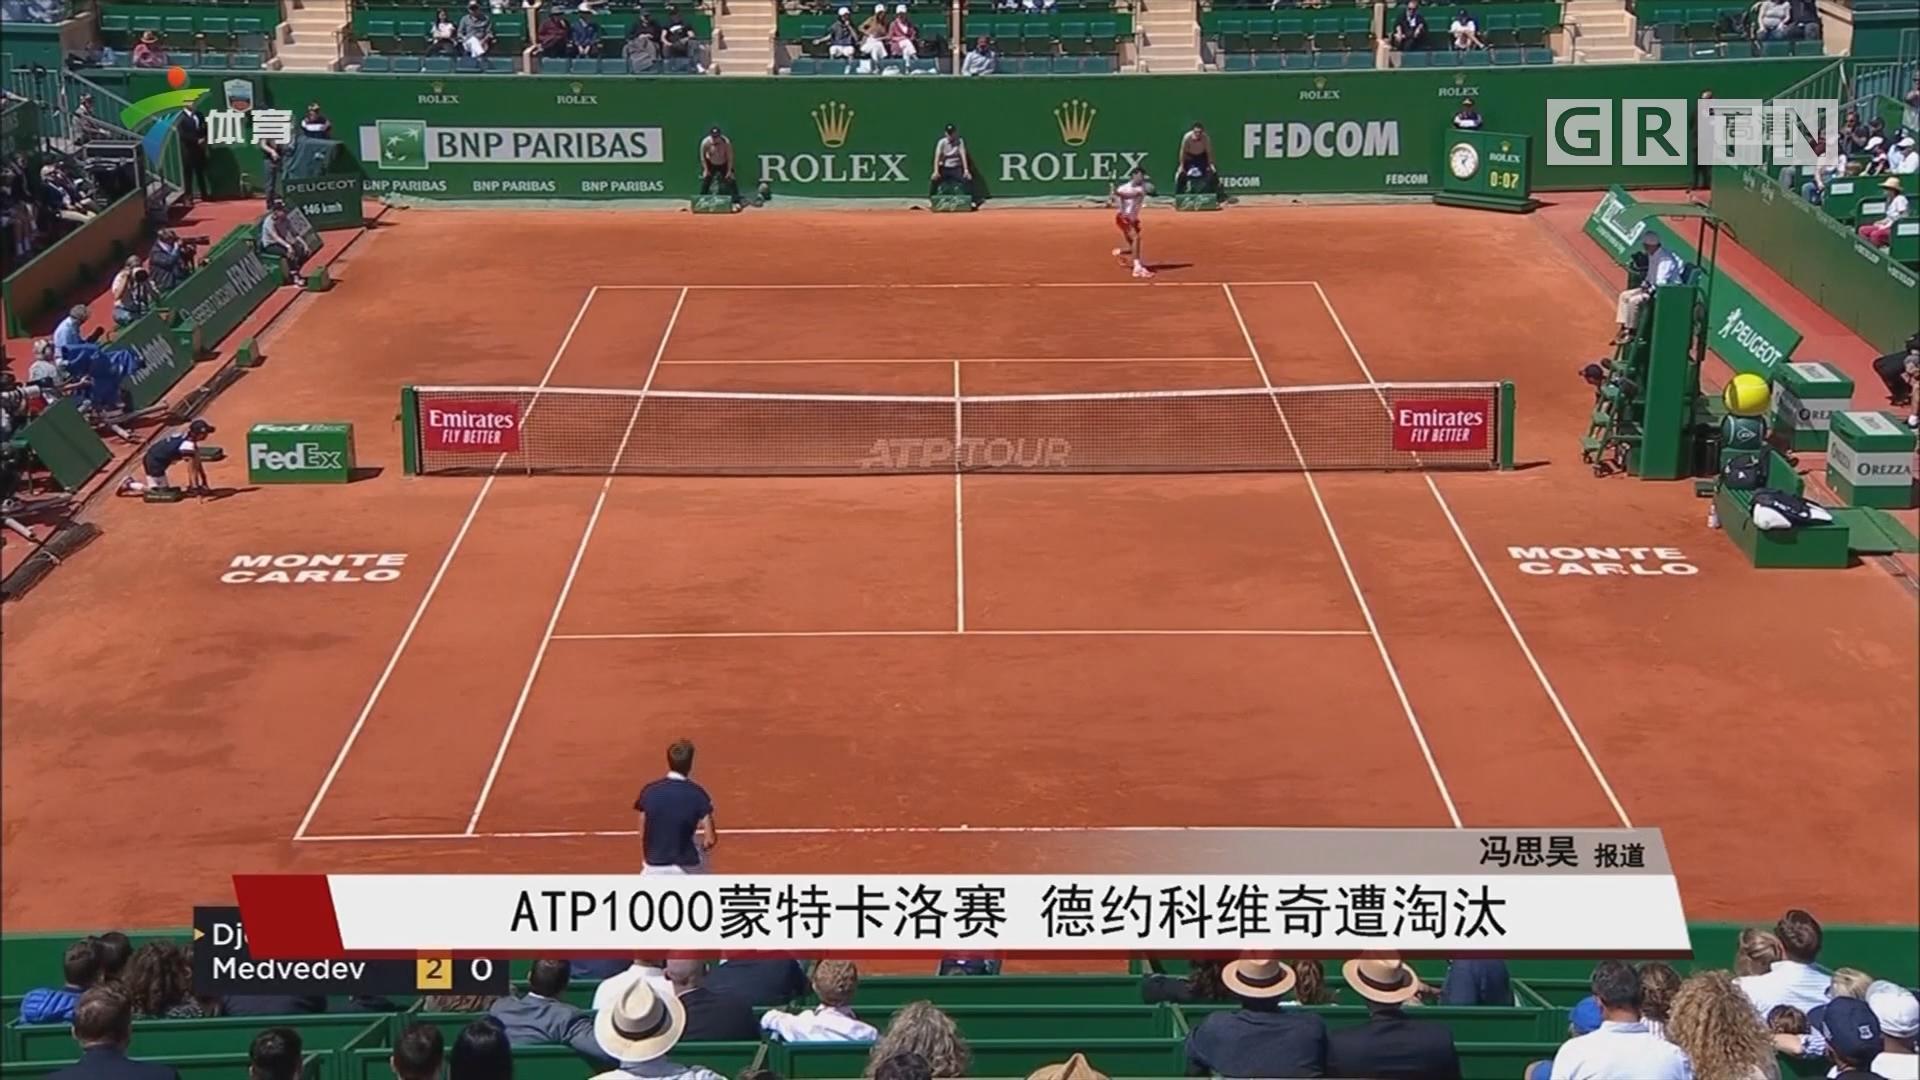 ATP1000蒙特卡洛赛 德约科维奇遭淘汰